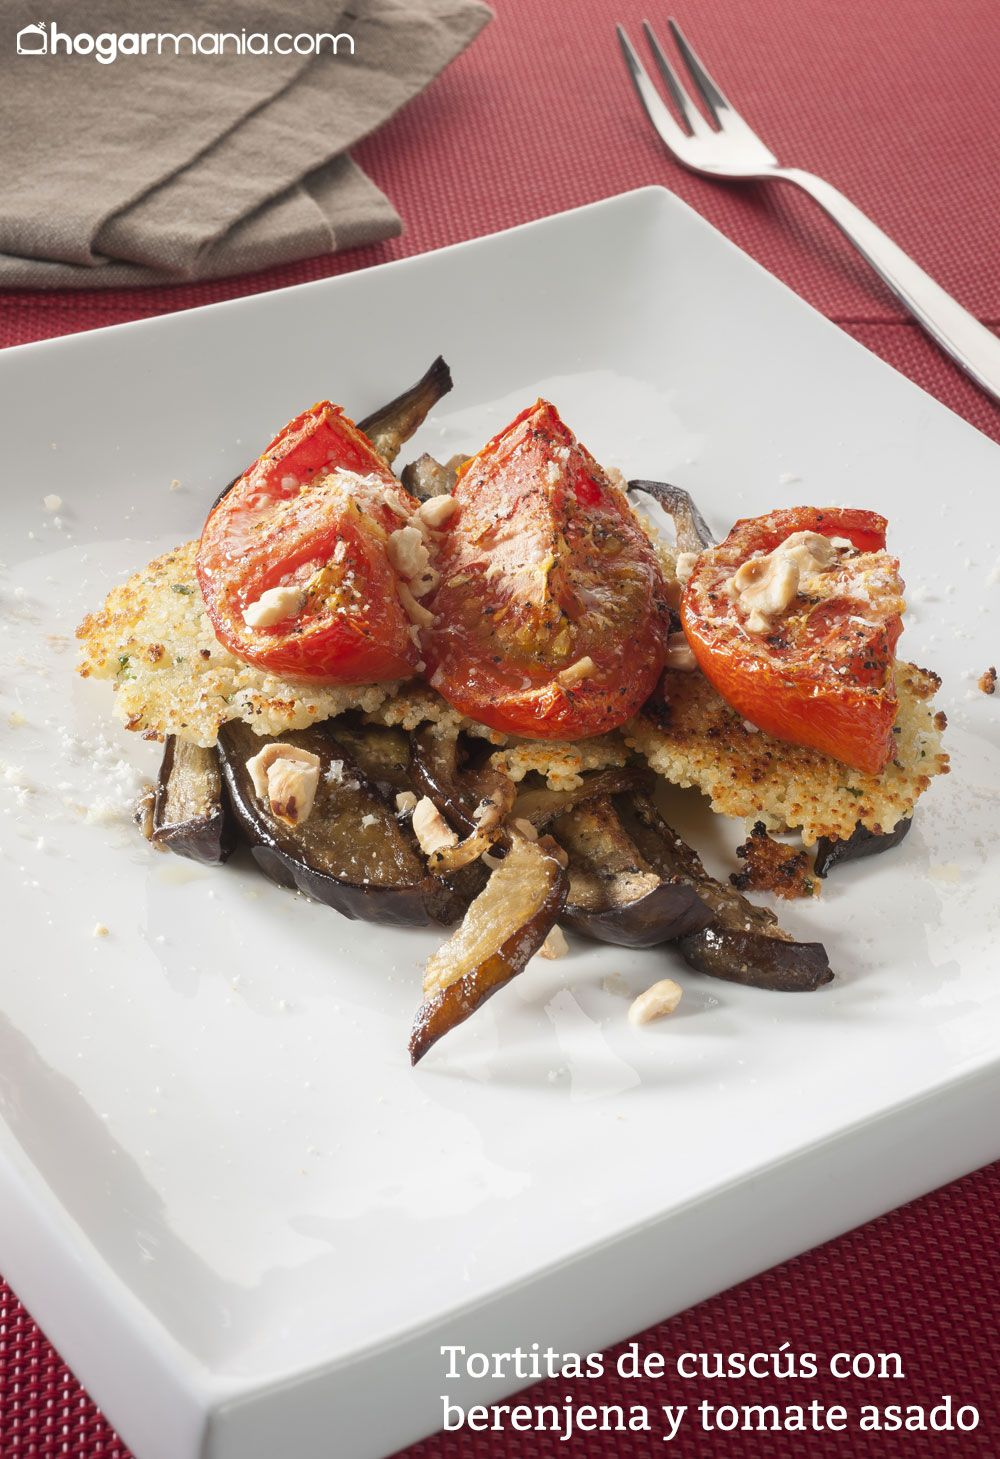 Tortitas de cuscús con berenjena y tomate asado